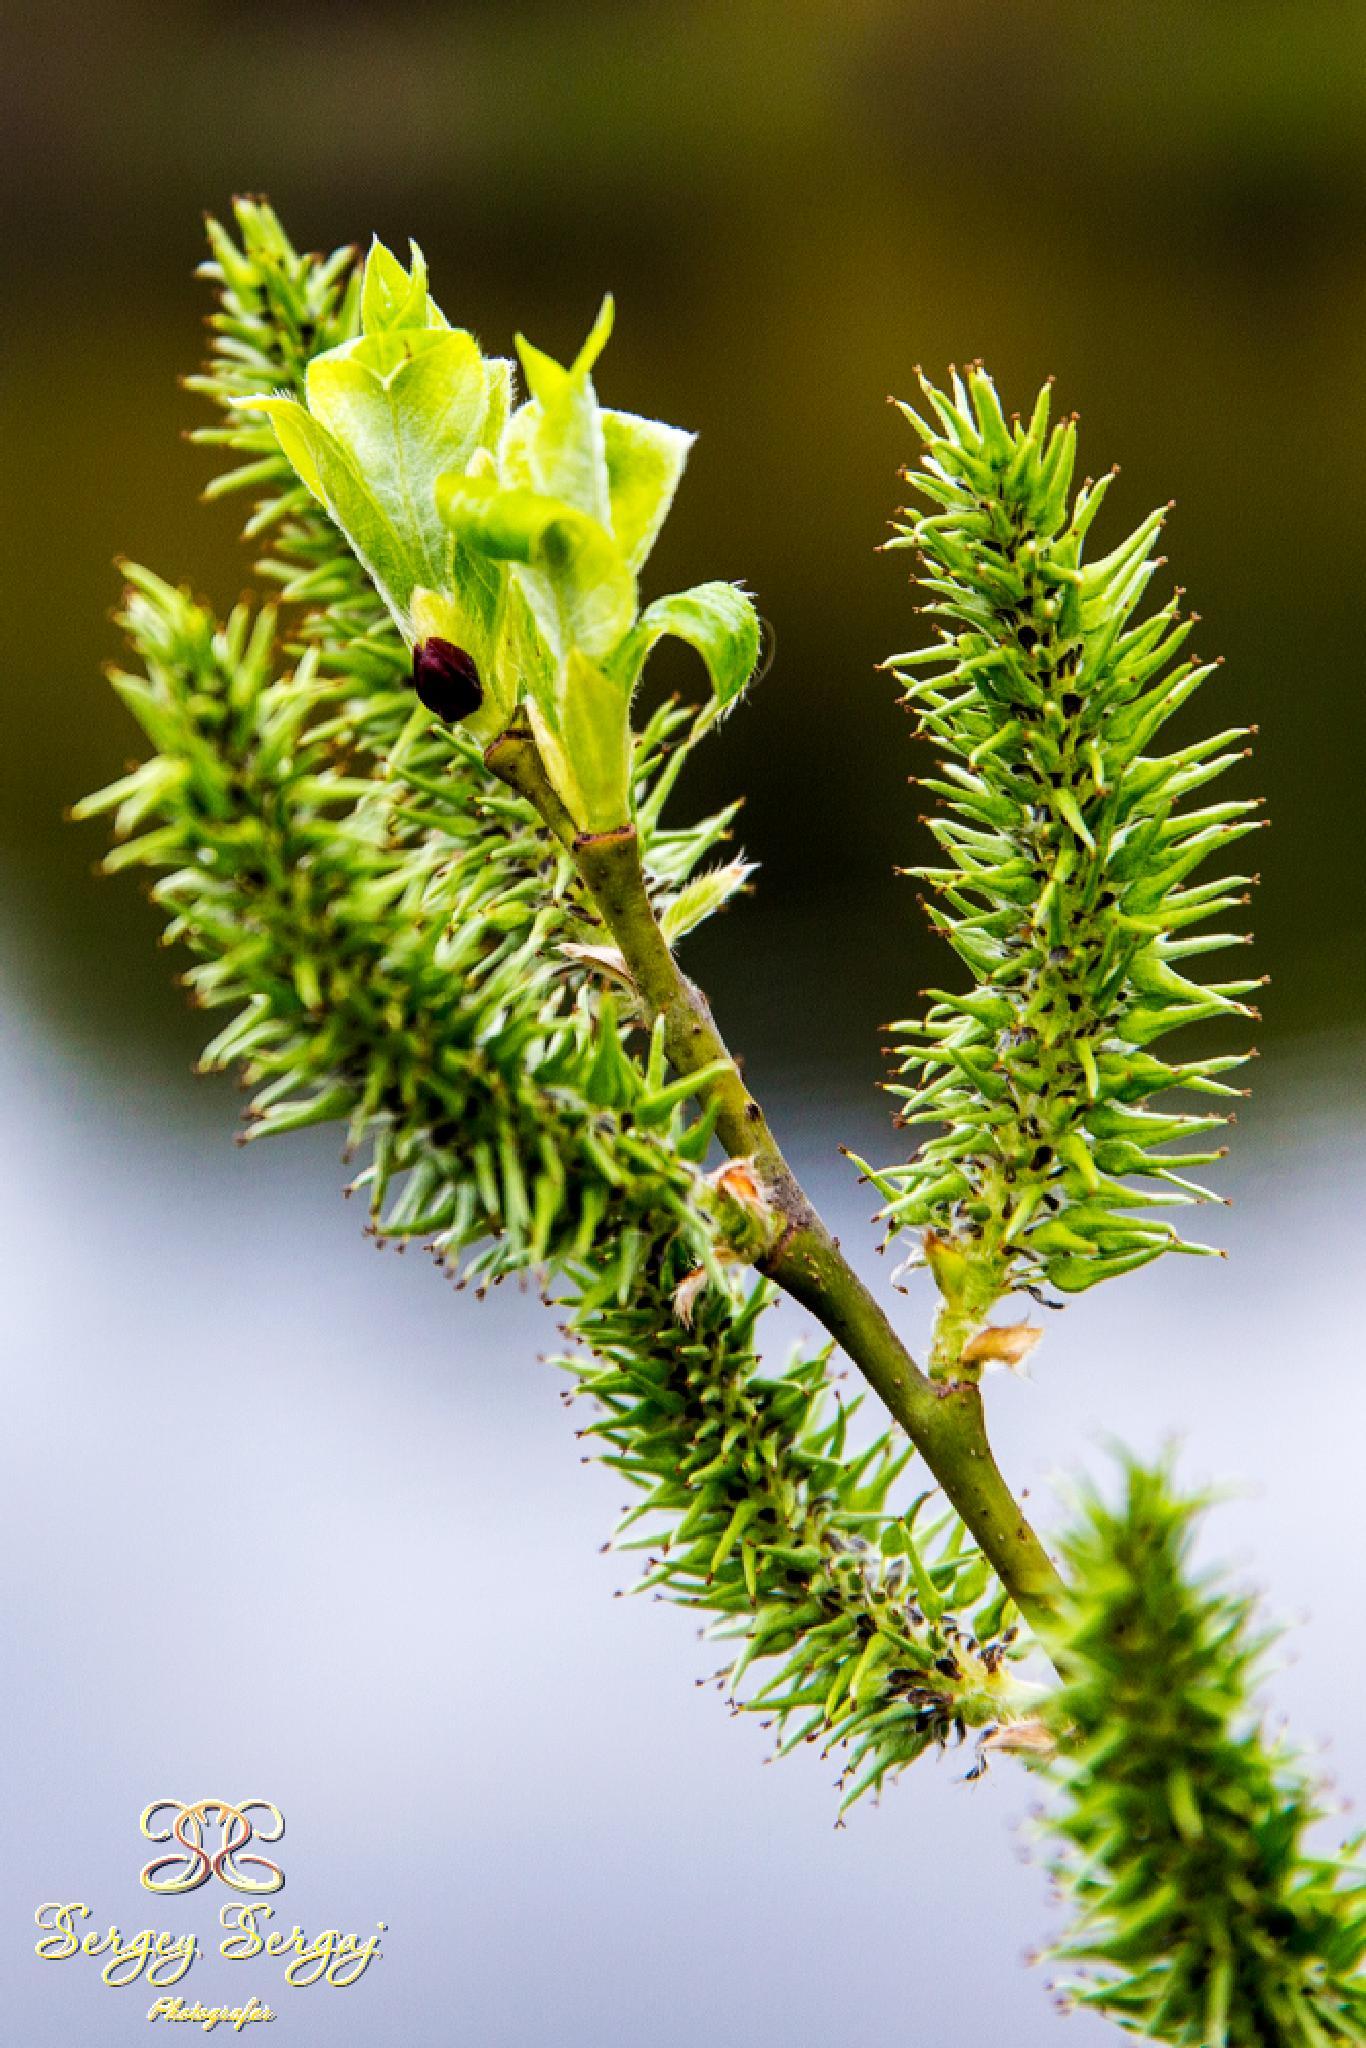 Spring leaves by Sergey Sergaj